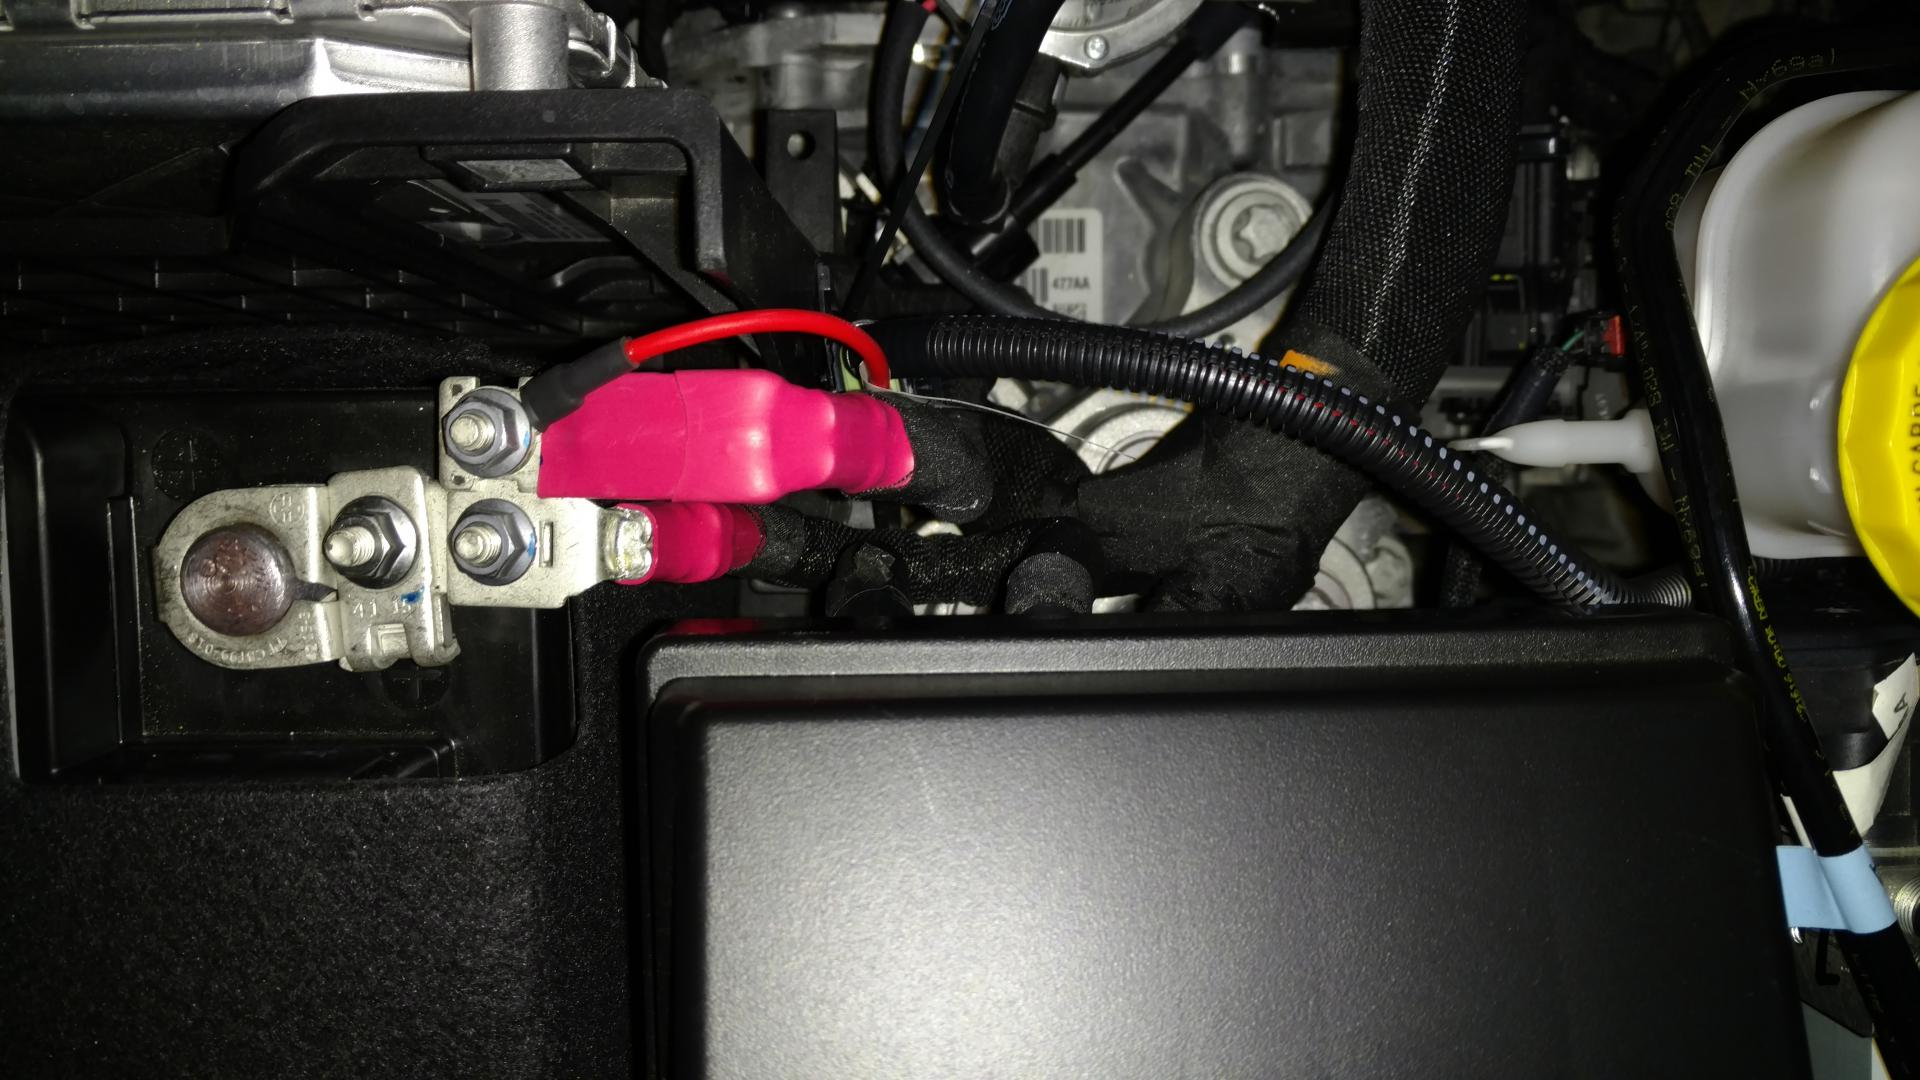 Mopar Receiver Hitch Wiring Harness Installation 2014 Jeep – Jeep Wiring Harness Installation Mistakes